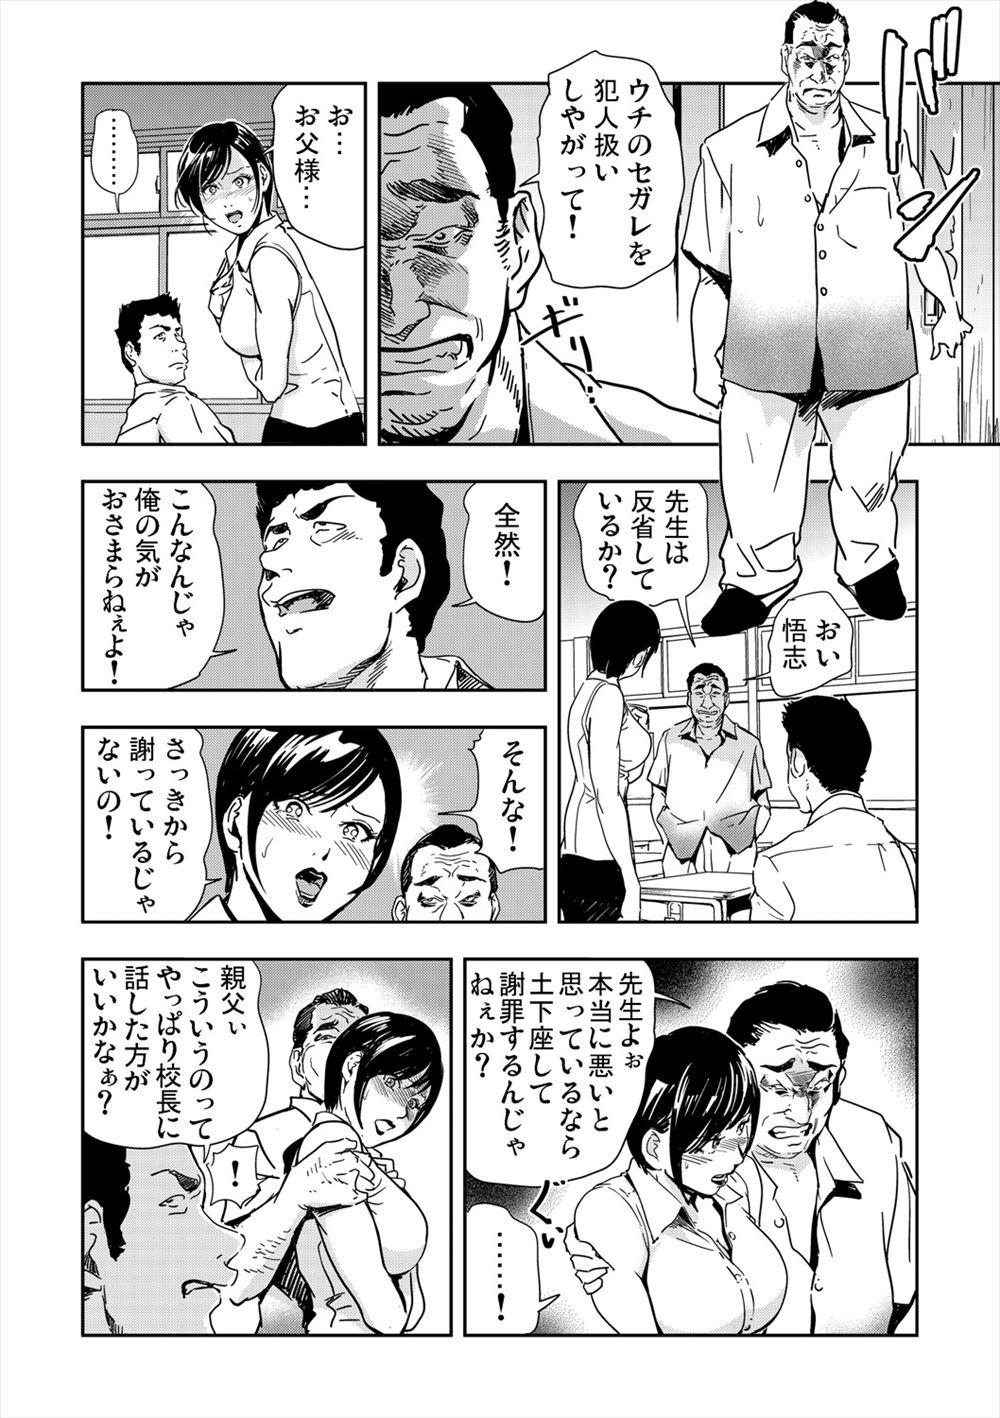 【エロ漫画】コンビニで万引きをして捕まった男子生徒と女教師がフェラチオやクンニから強姦レイプで3P中出しセックスへ!【無料 エロ同人誌】 015